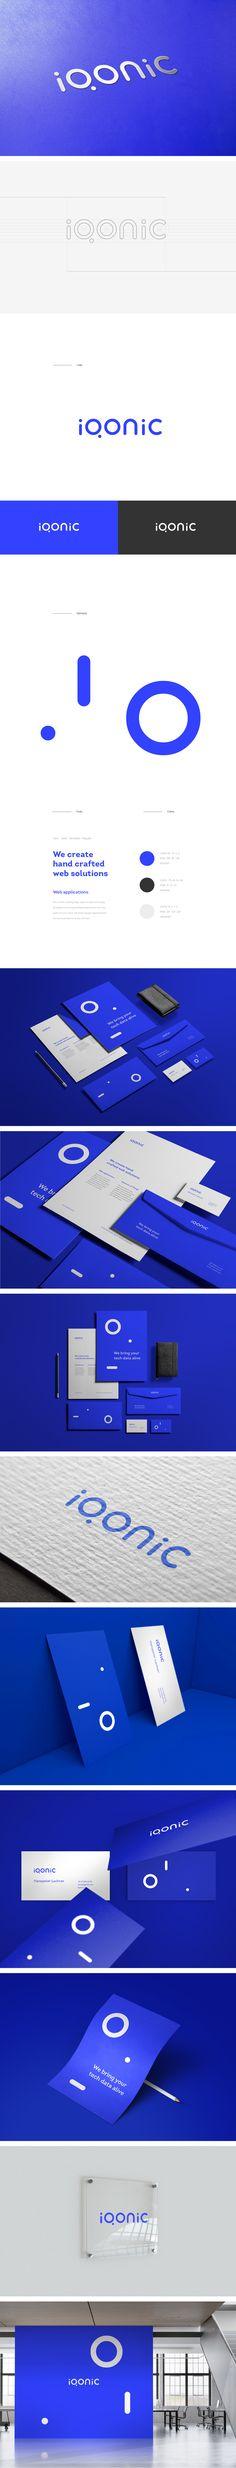 Iqonic - Logo / Identity on Behance